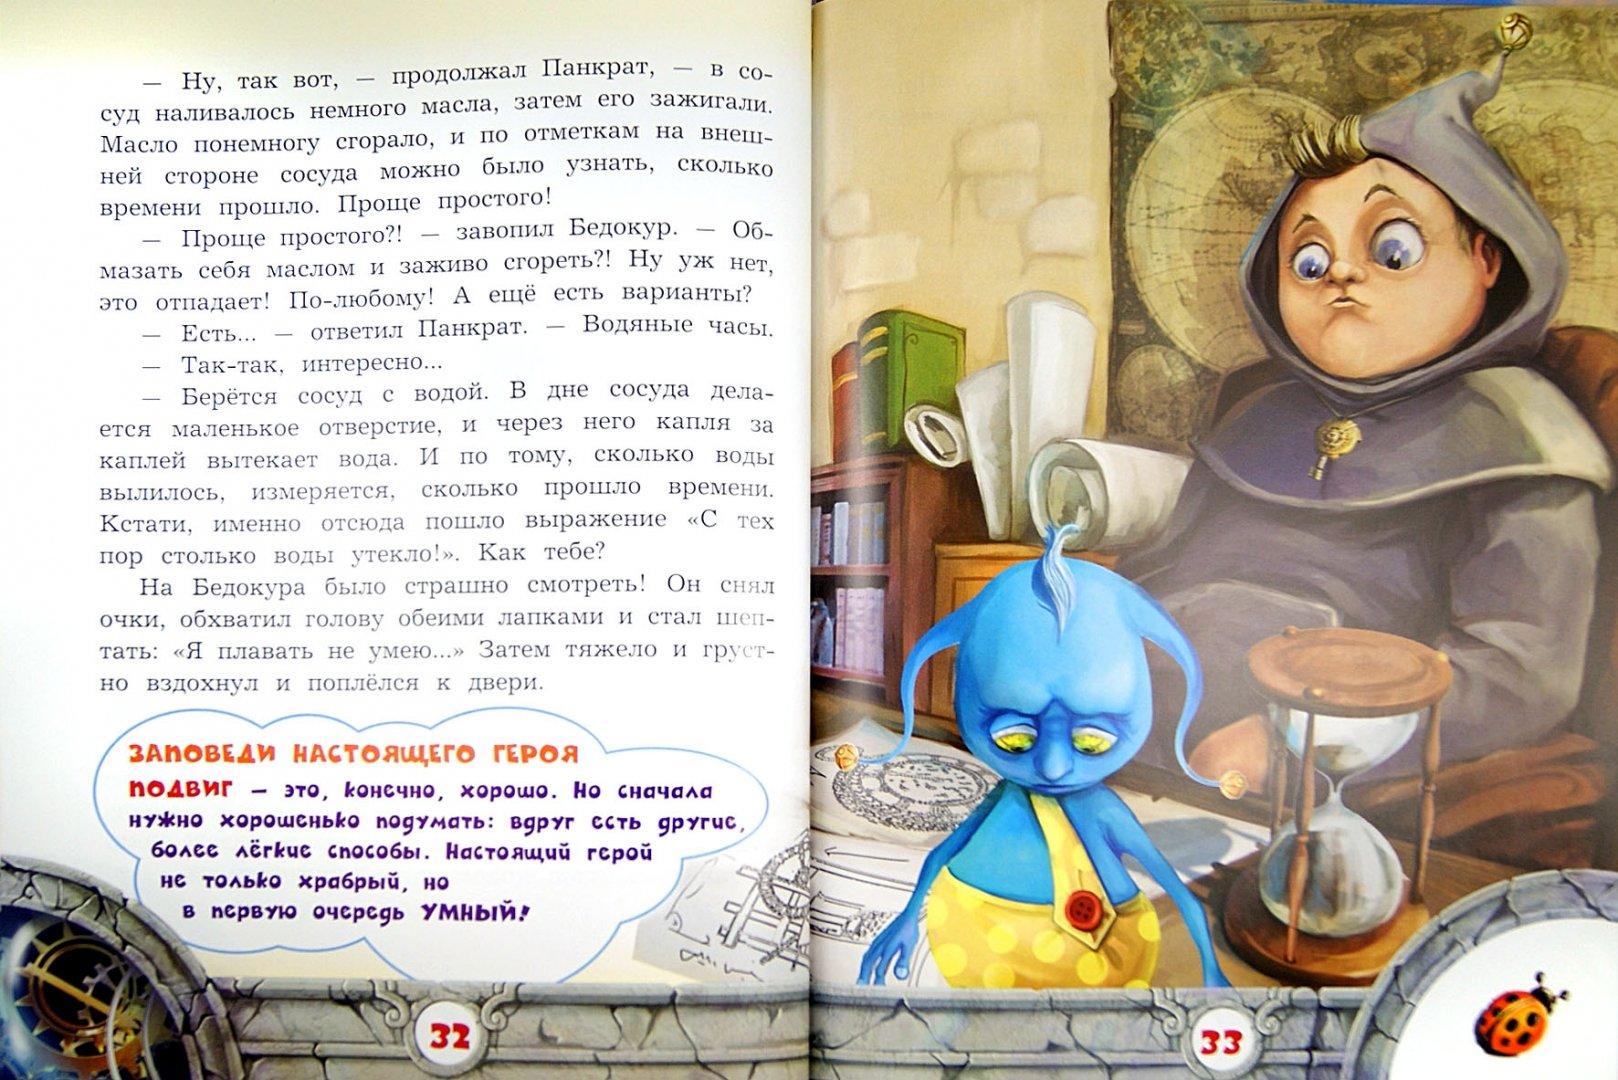 Иллюстрация 1 из 16 для Говорящие часы - Олег Рой | Лабиринт - книги. Источник: Лабиринт